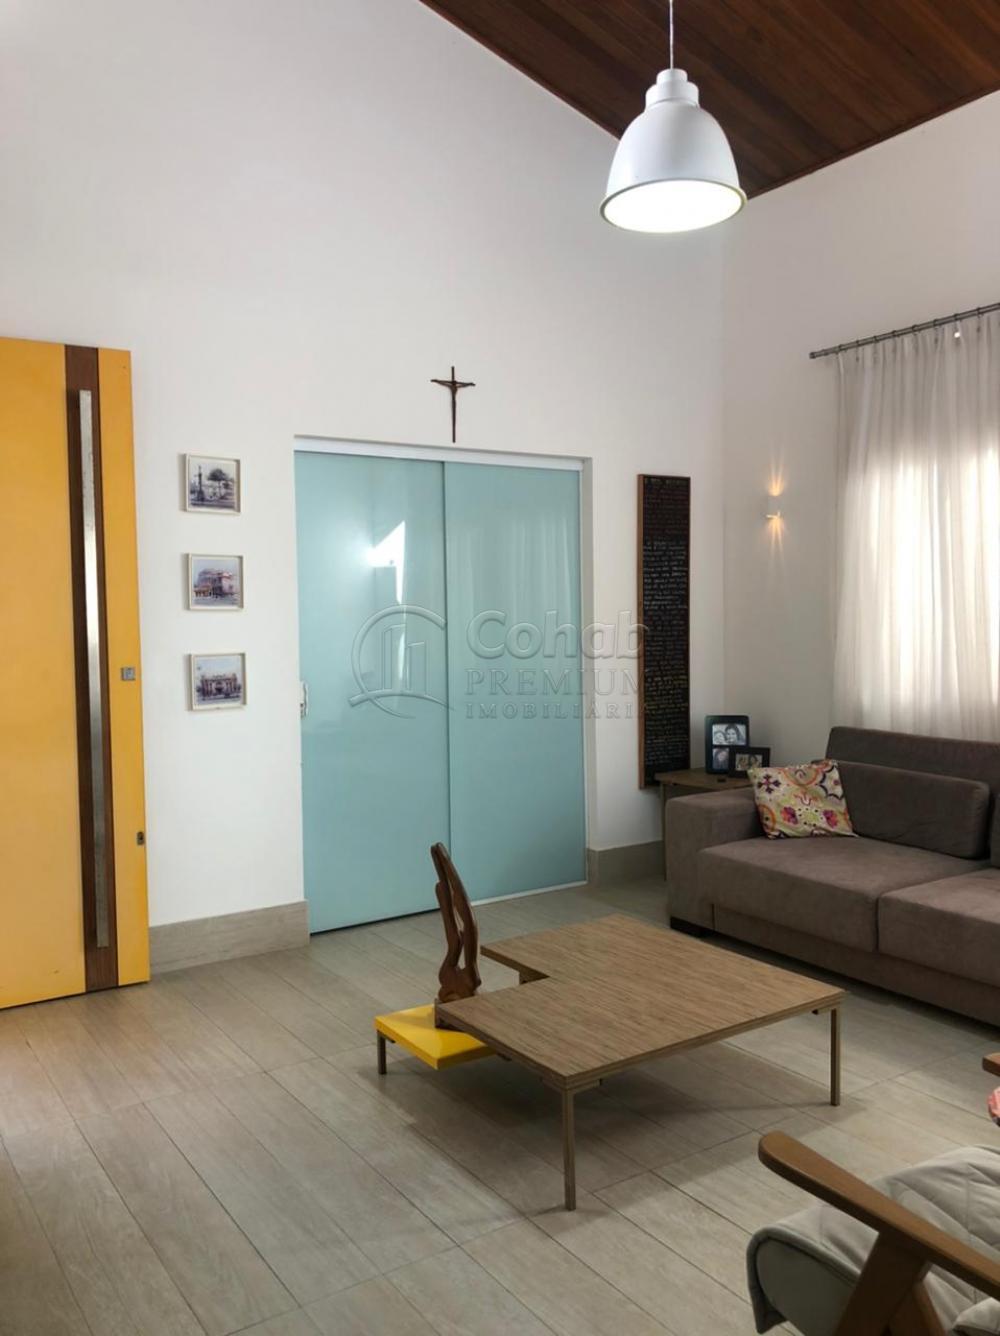 Comprar Casa / Condomínio em Aracaju apenas R$ 850.000,00 - Foto 5